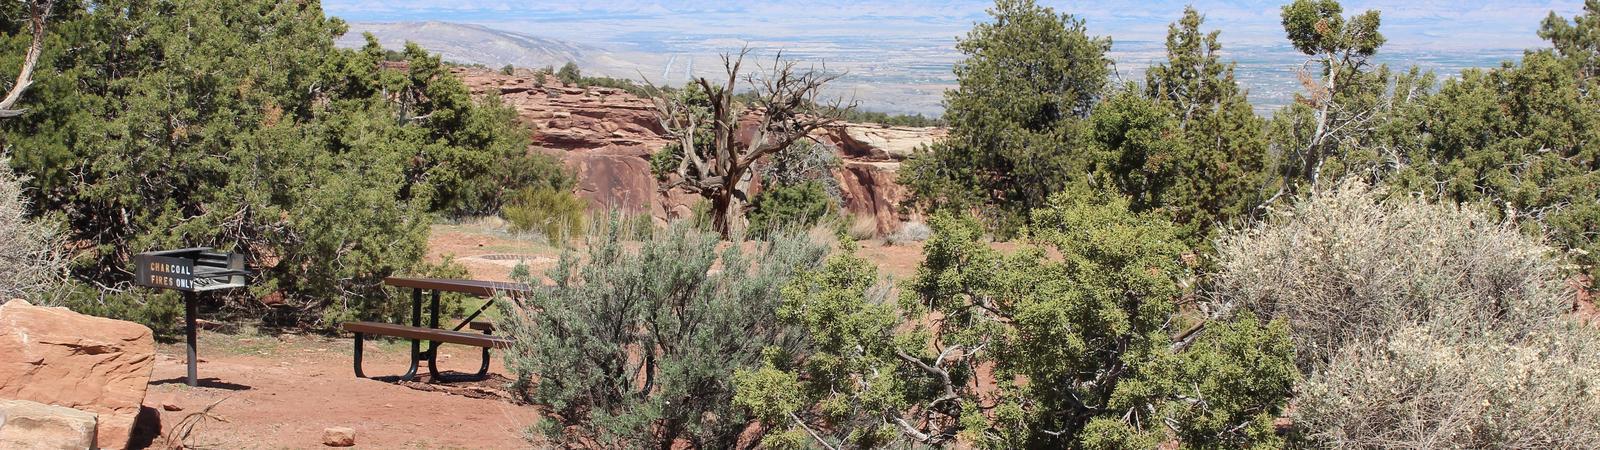 Loop B Site 37